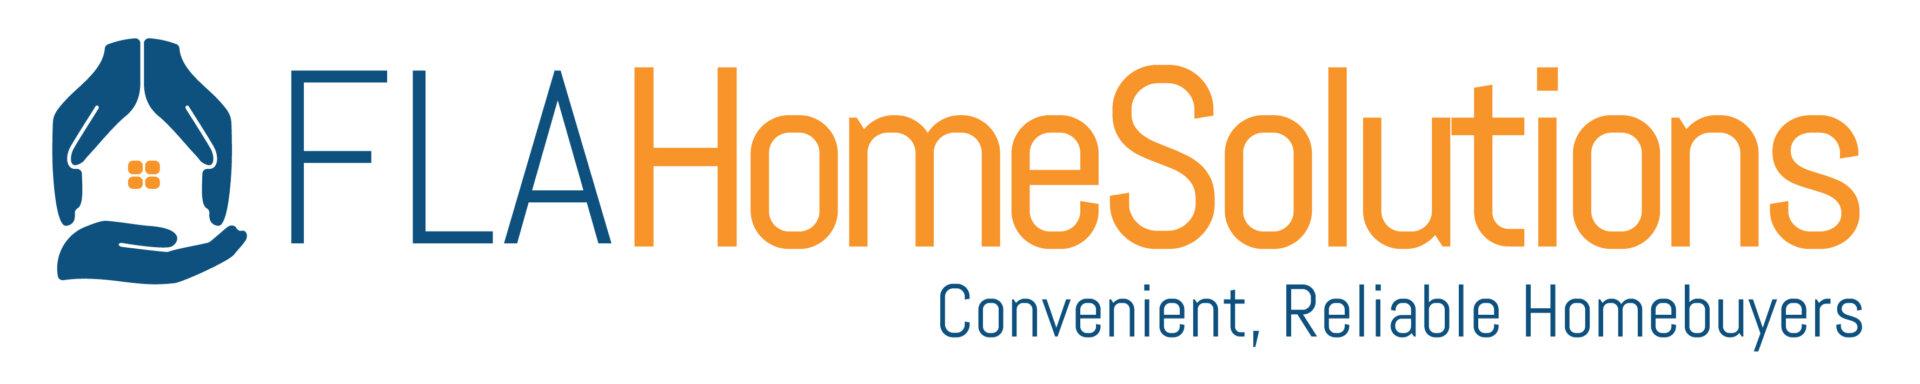 FLAHomeSolutions logo